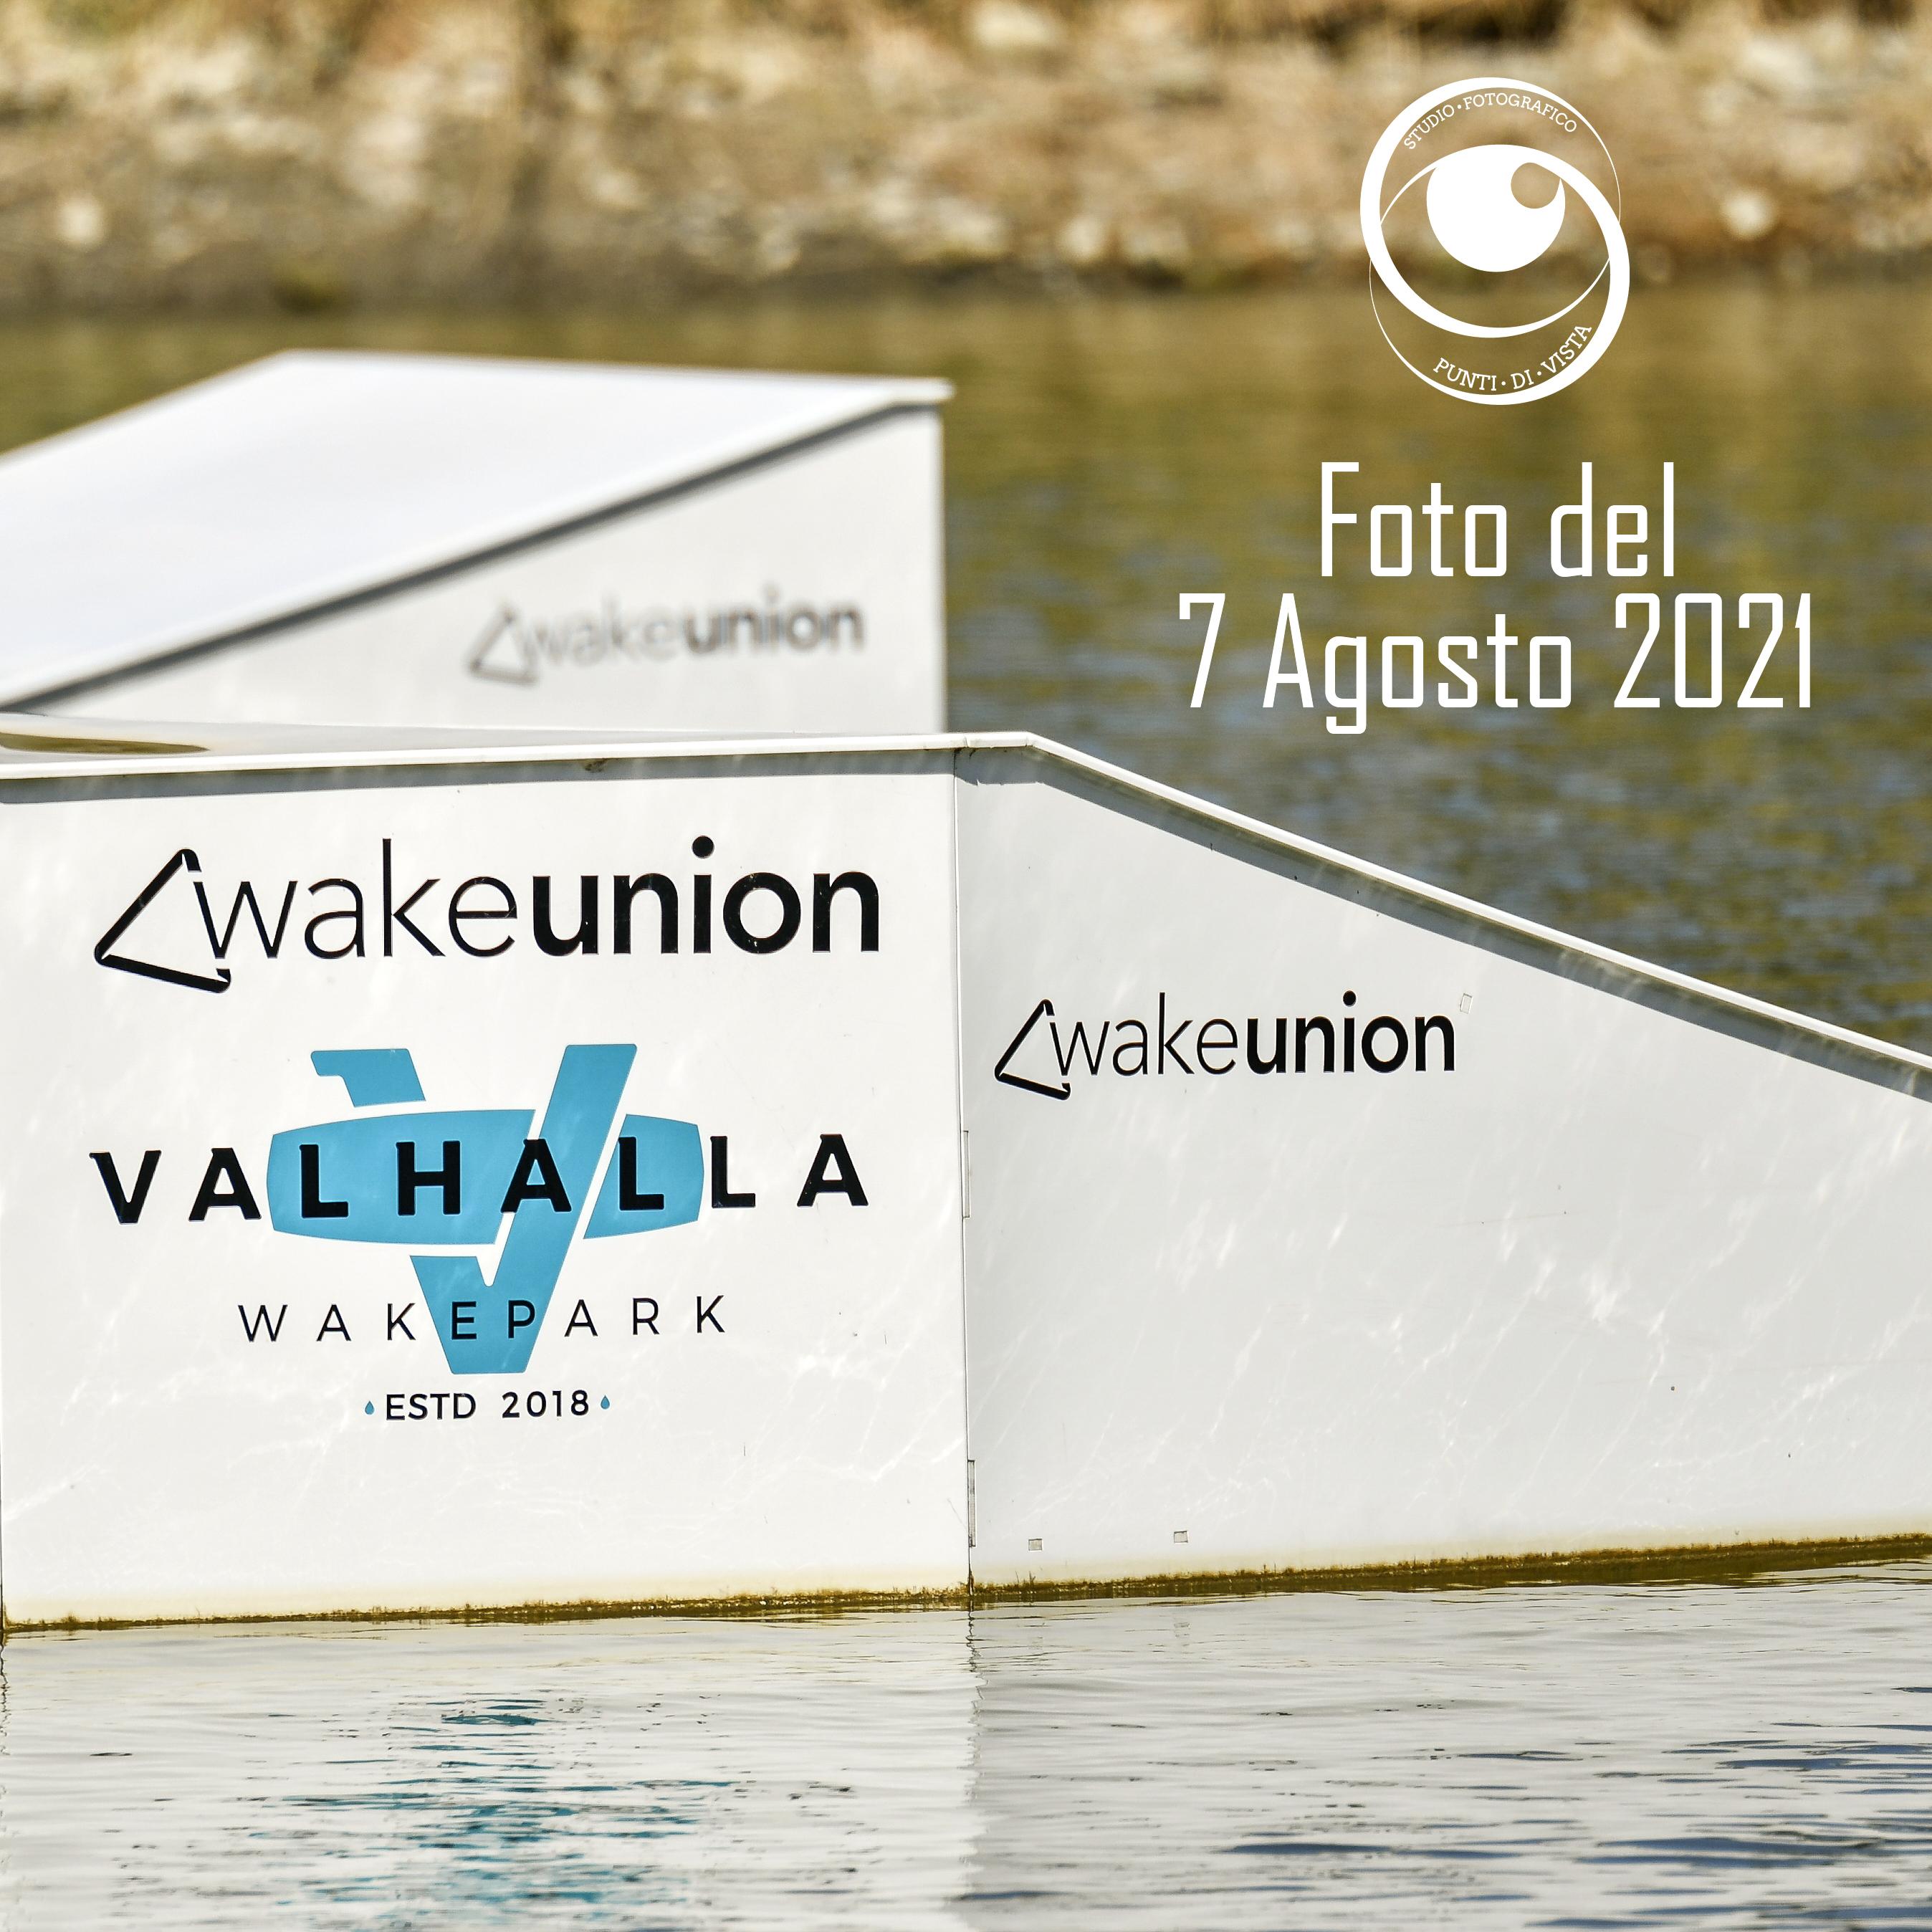 Valhalla foto 07-08-21